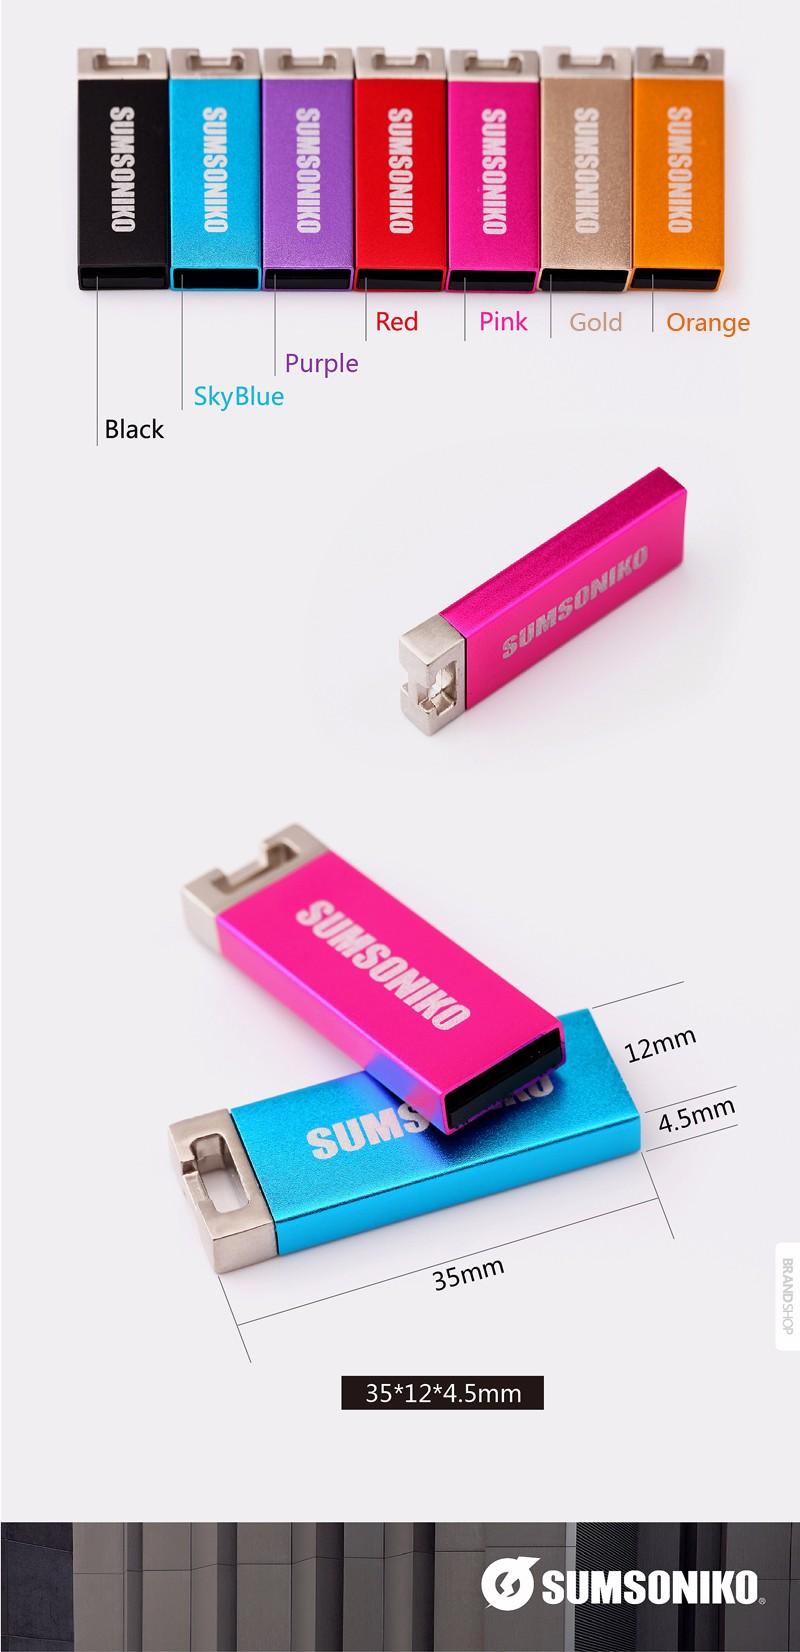 - HTB1L737LXXXXXXaXpXXq6xXFXXX0 - USB Flash Drive PenDrive Mini 7 Colors Pen Drive Gift High Speed USB 2.0 Flash Memory Stick 32GB 16GB 8GB 4GB 2GB